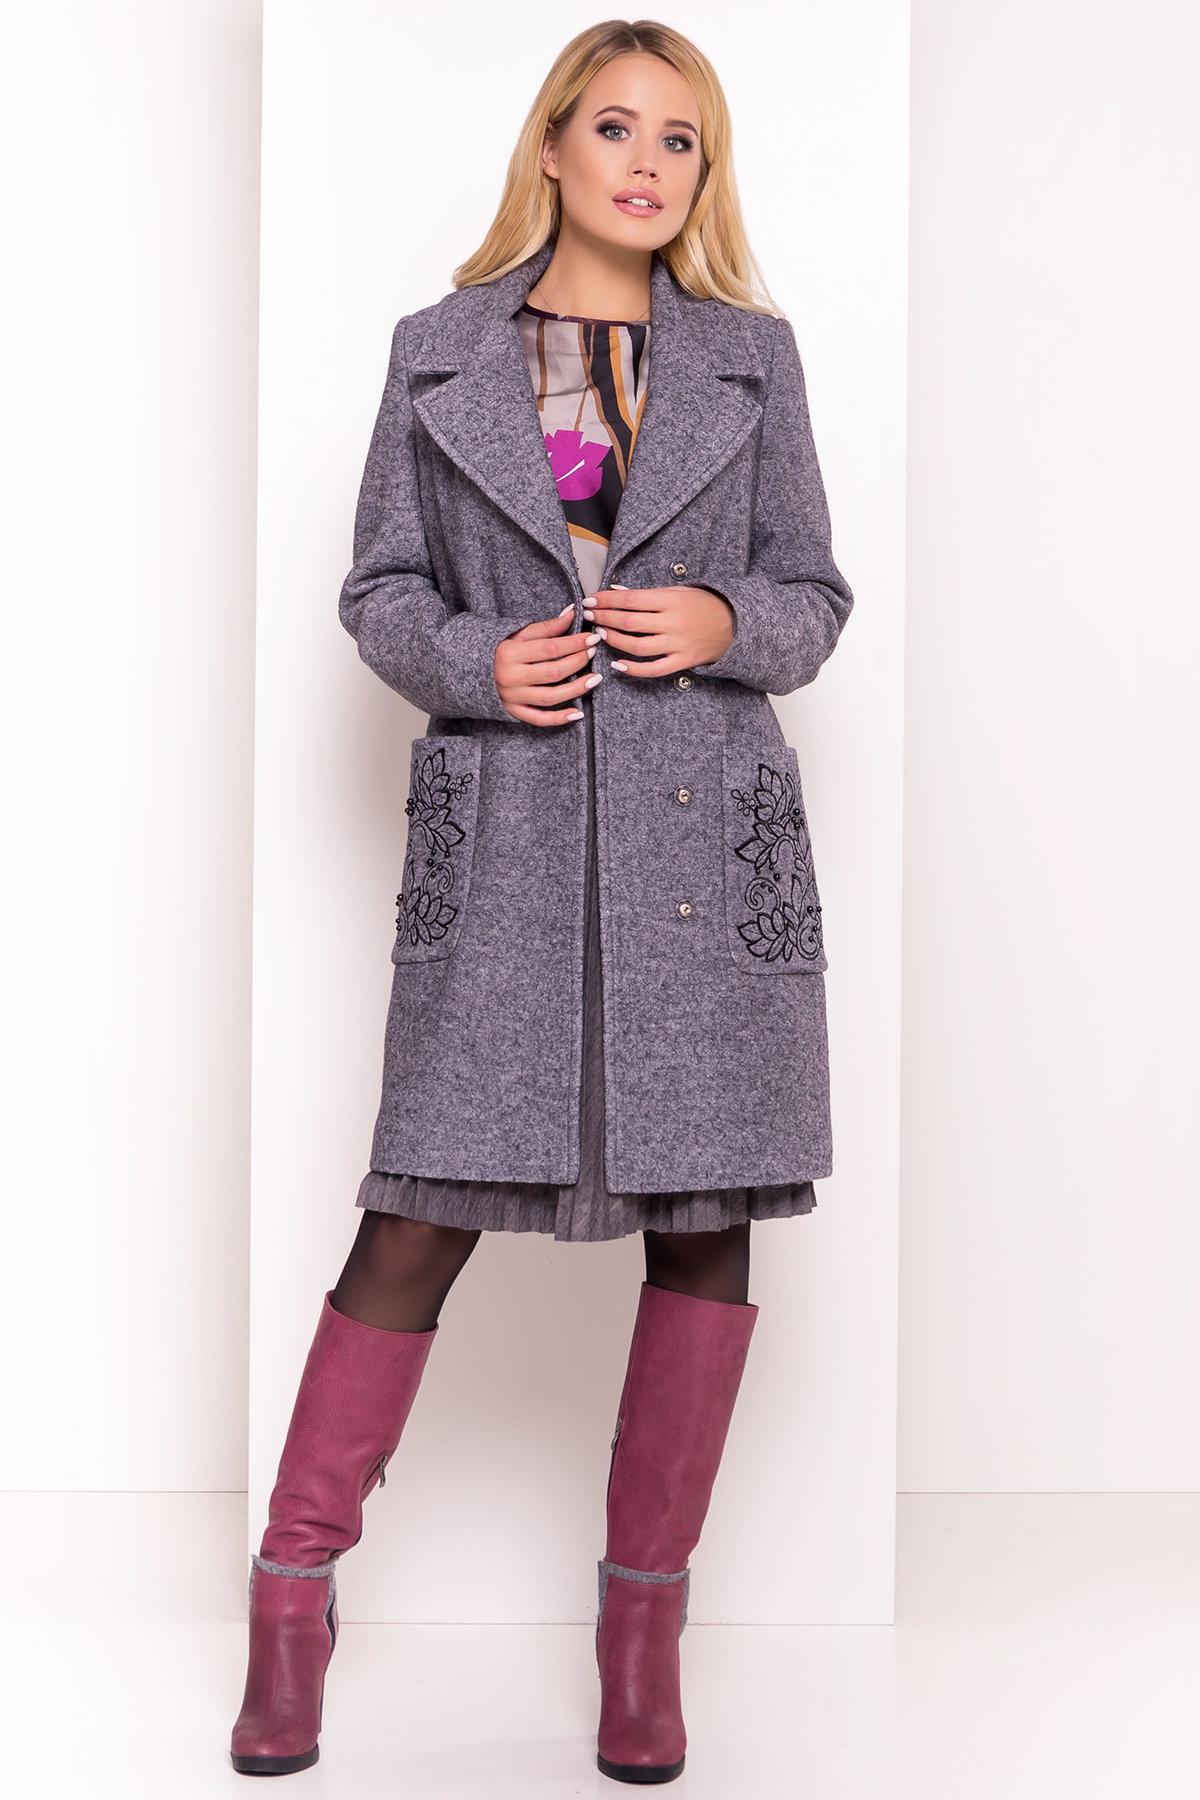 Демисезонное пальто из варенной шерсти Милена 5273 АРТ. 36892 Цвет: Серый Темный LW-47 - фото 3, интернет магазин tm-modus.ru